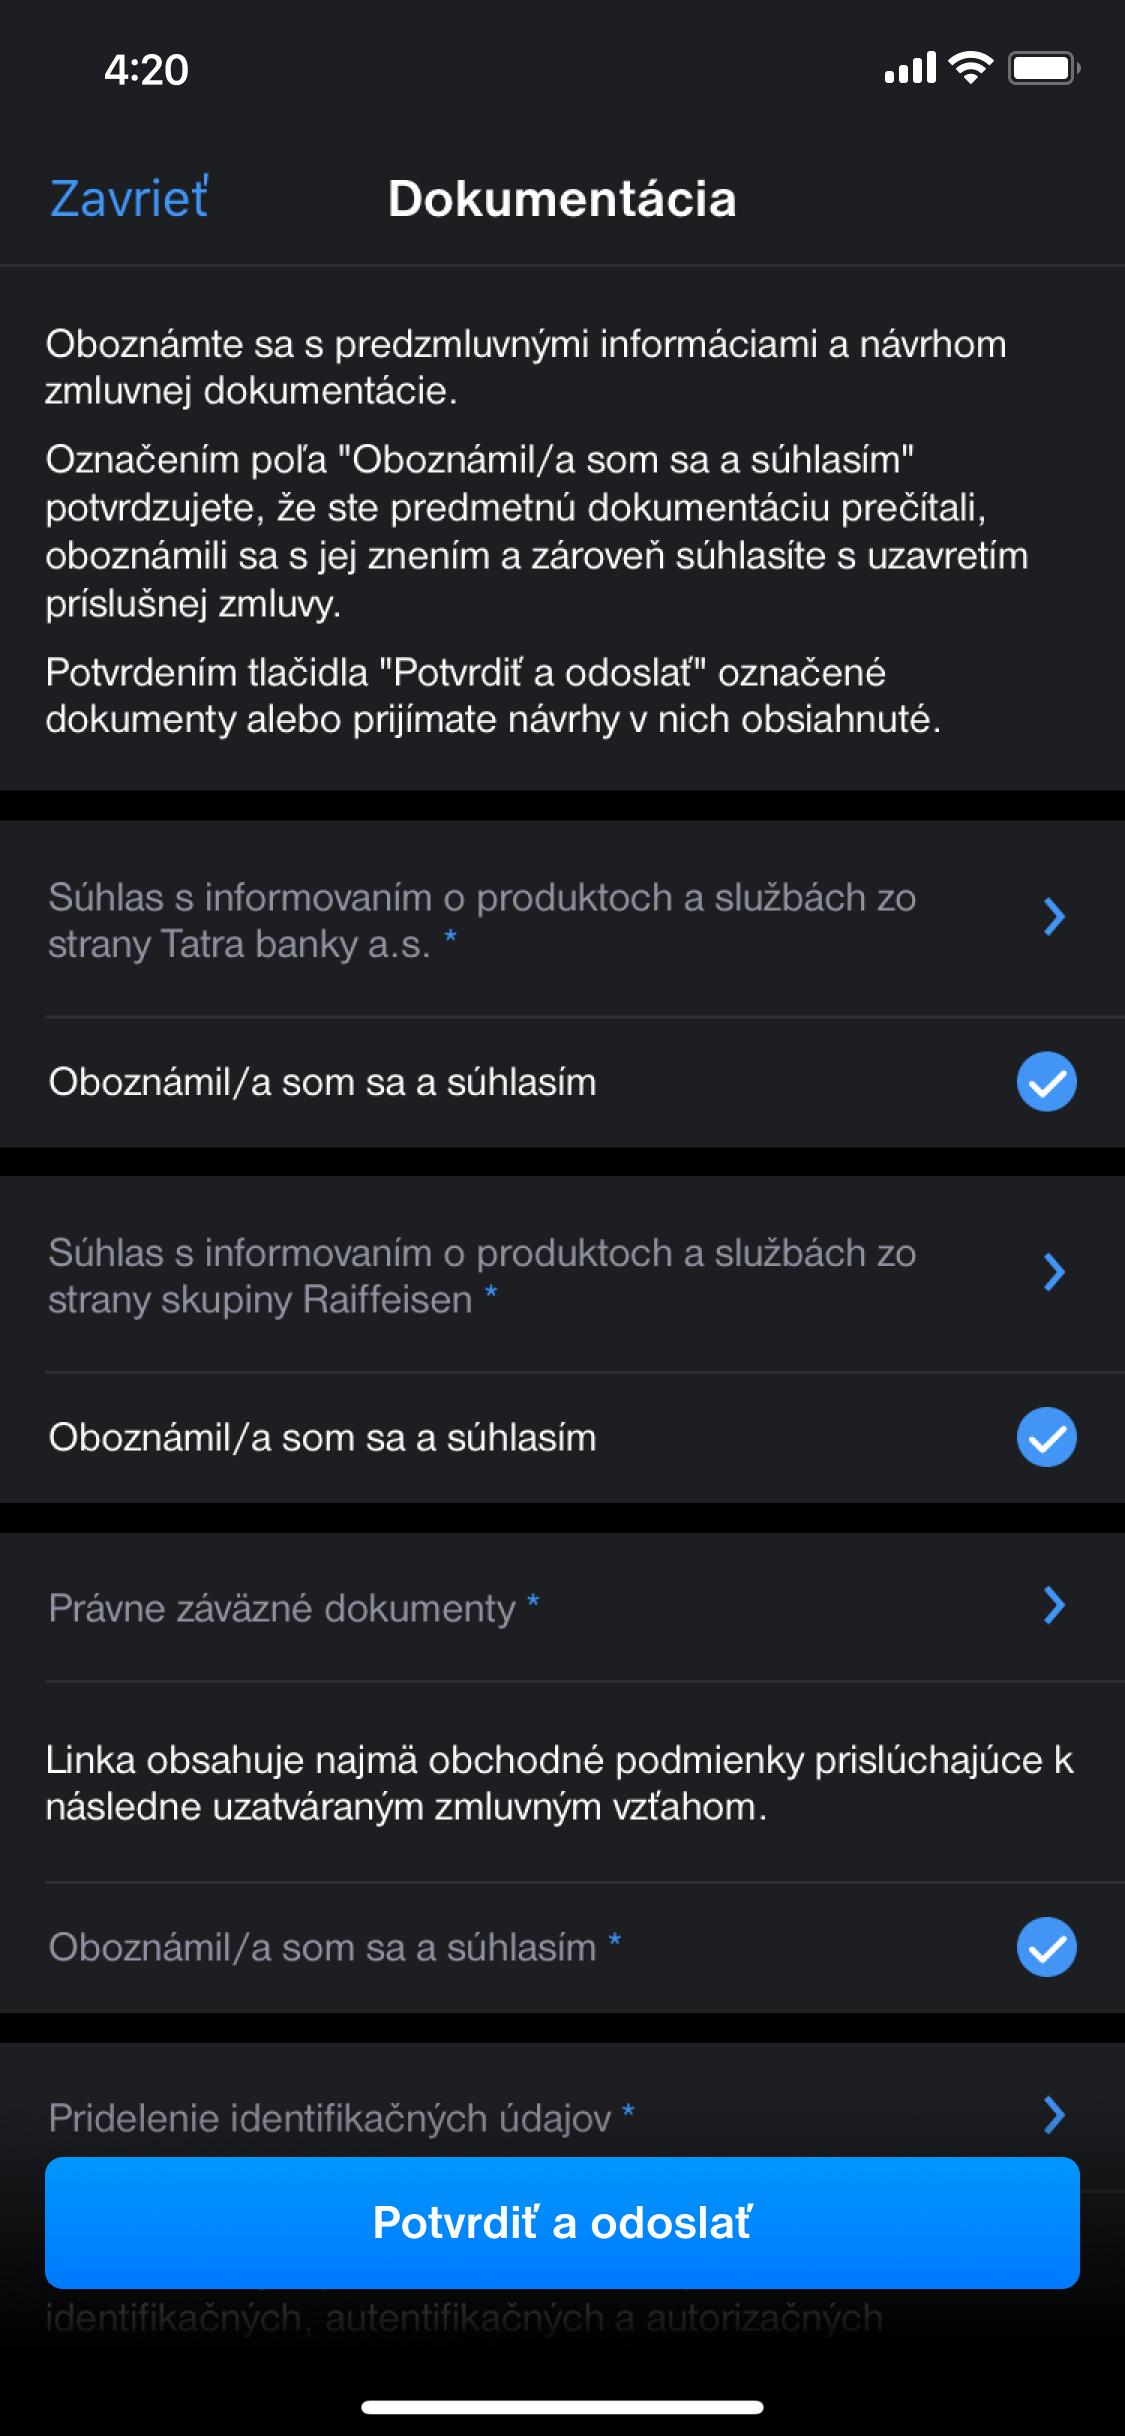 Ako si založiť <b>Digitálny</b>účet<sup>TB</sup> vaplikácii Tatrabanka